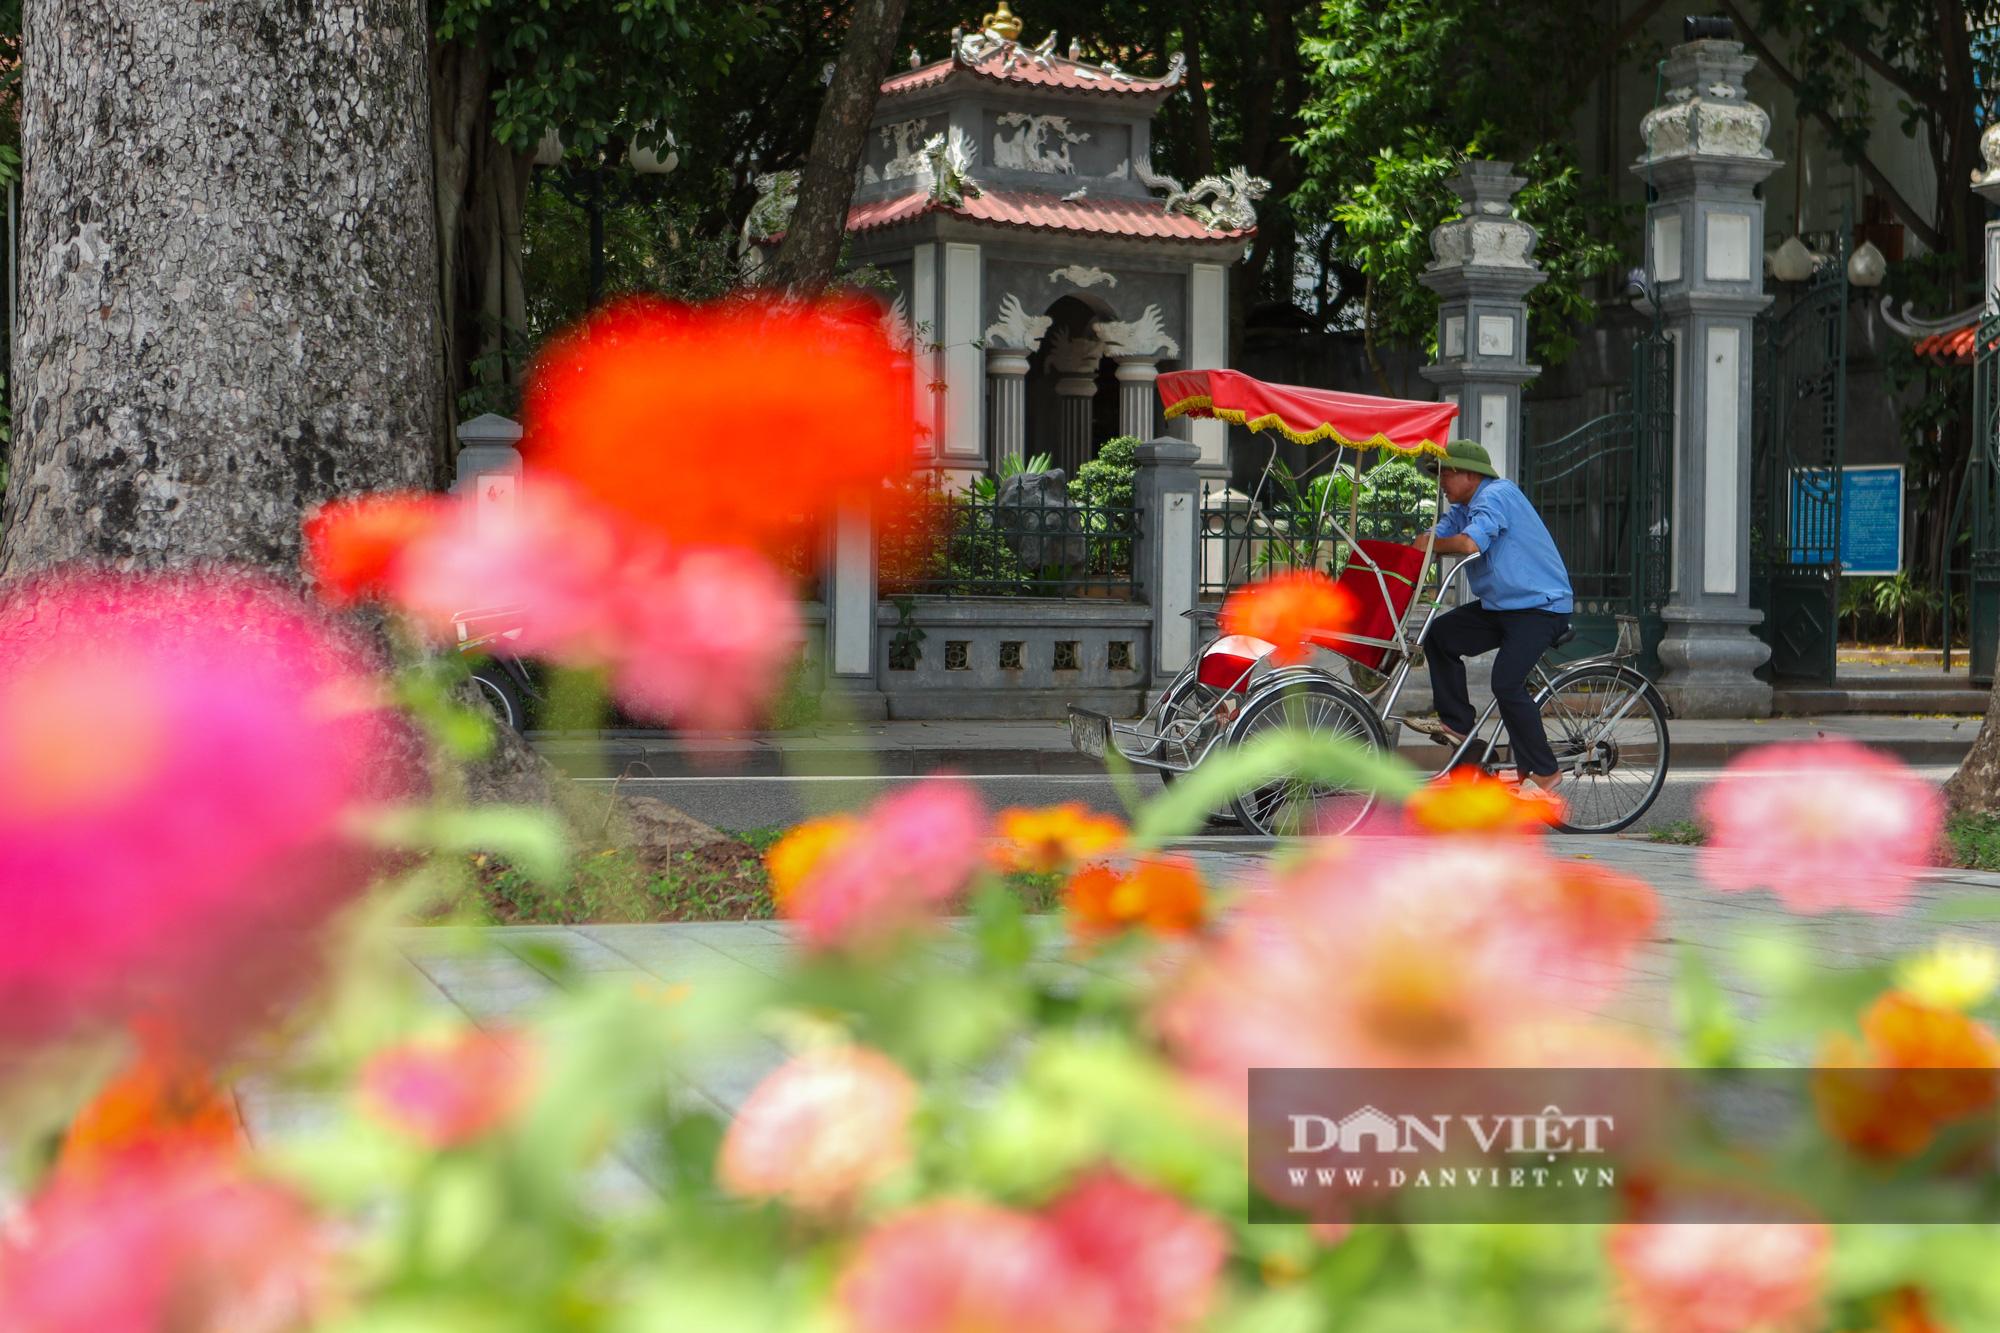 Chiêm ngưỡng vườn hoa mới đẹp ngỡ ngàng bên bờ hồ Hoàn Kiếm  - Ảnh 11.